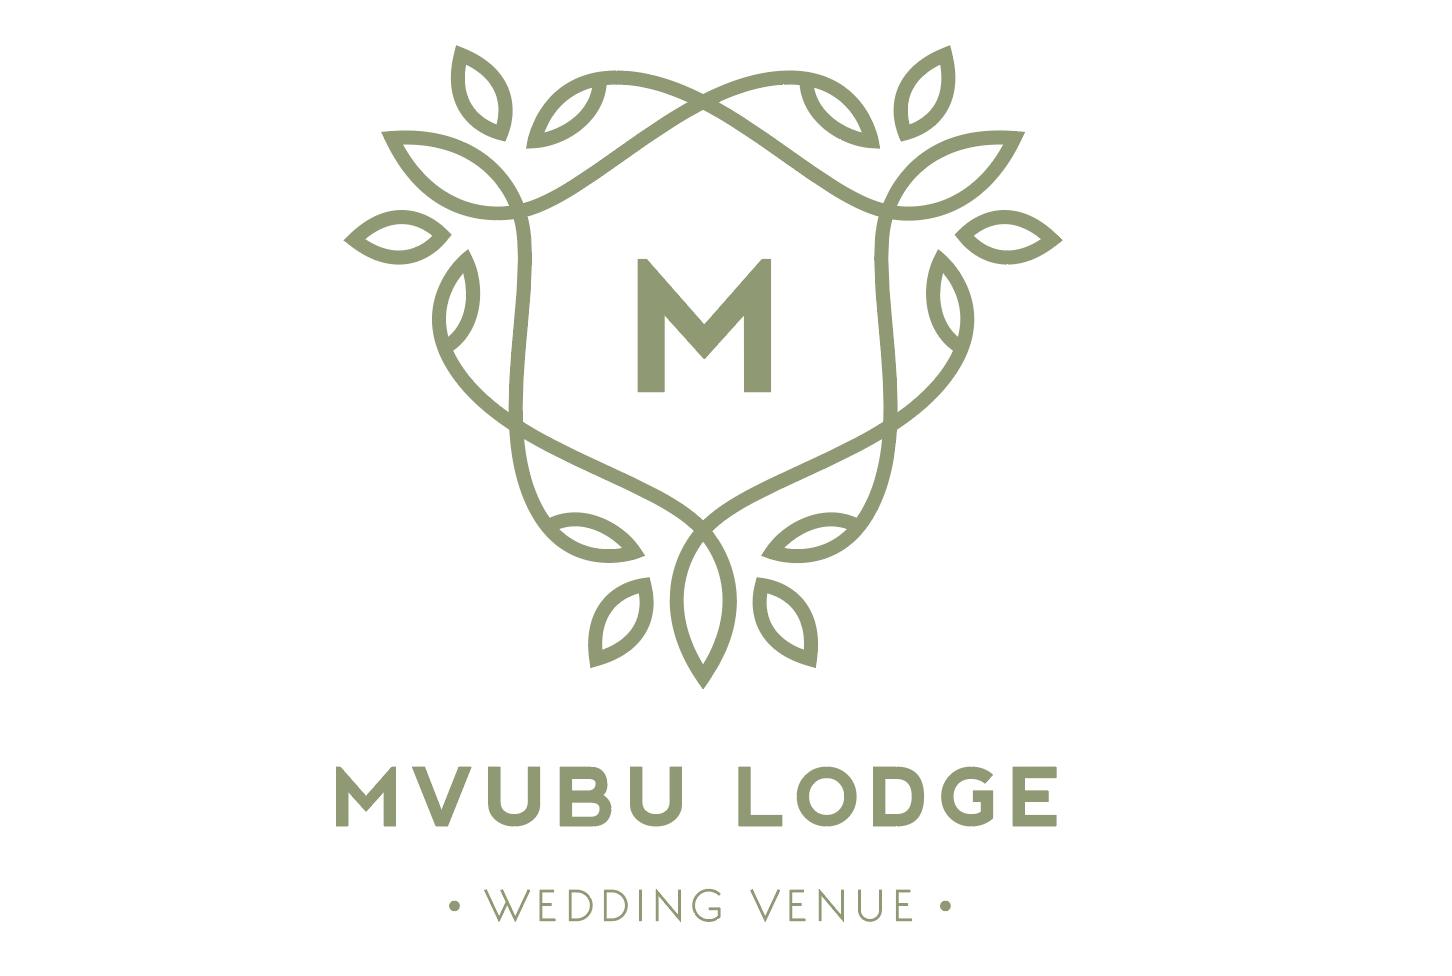 Mvubu Lodge